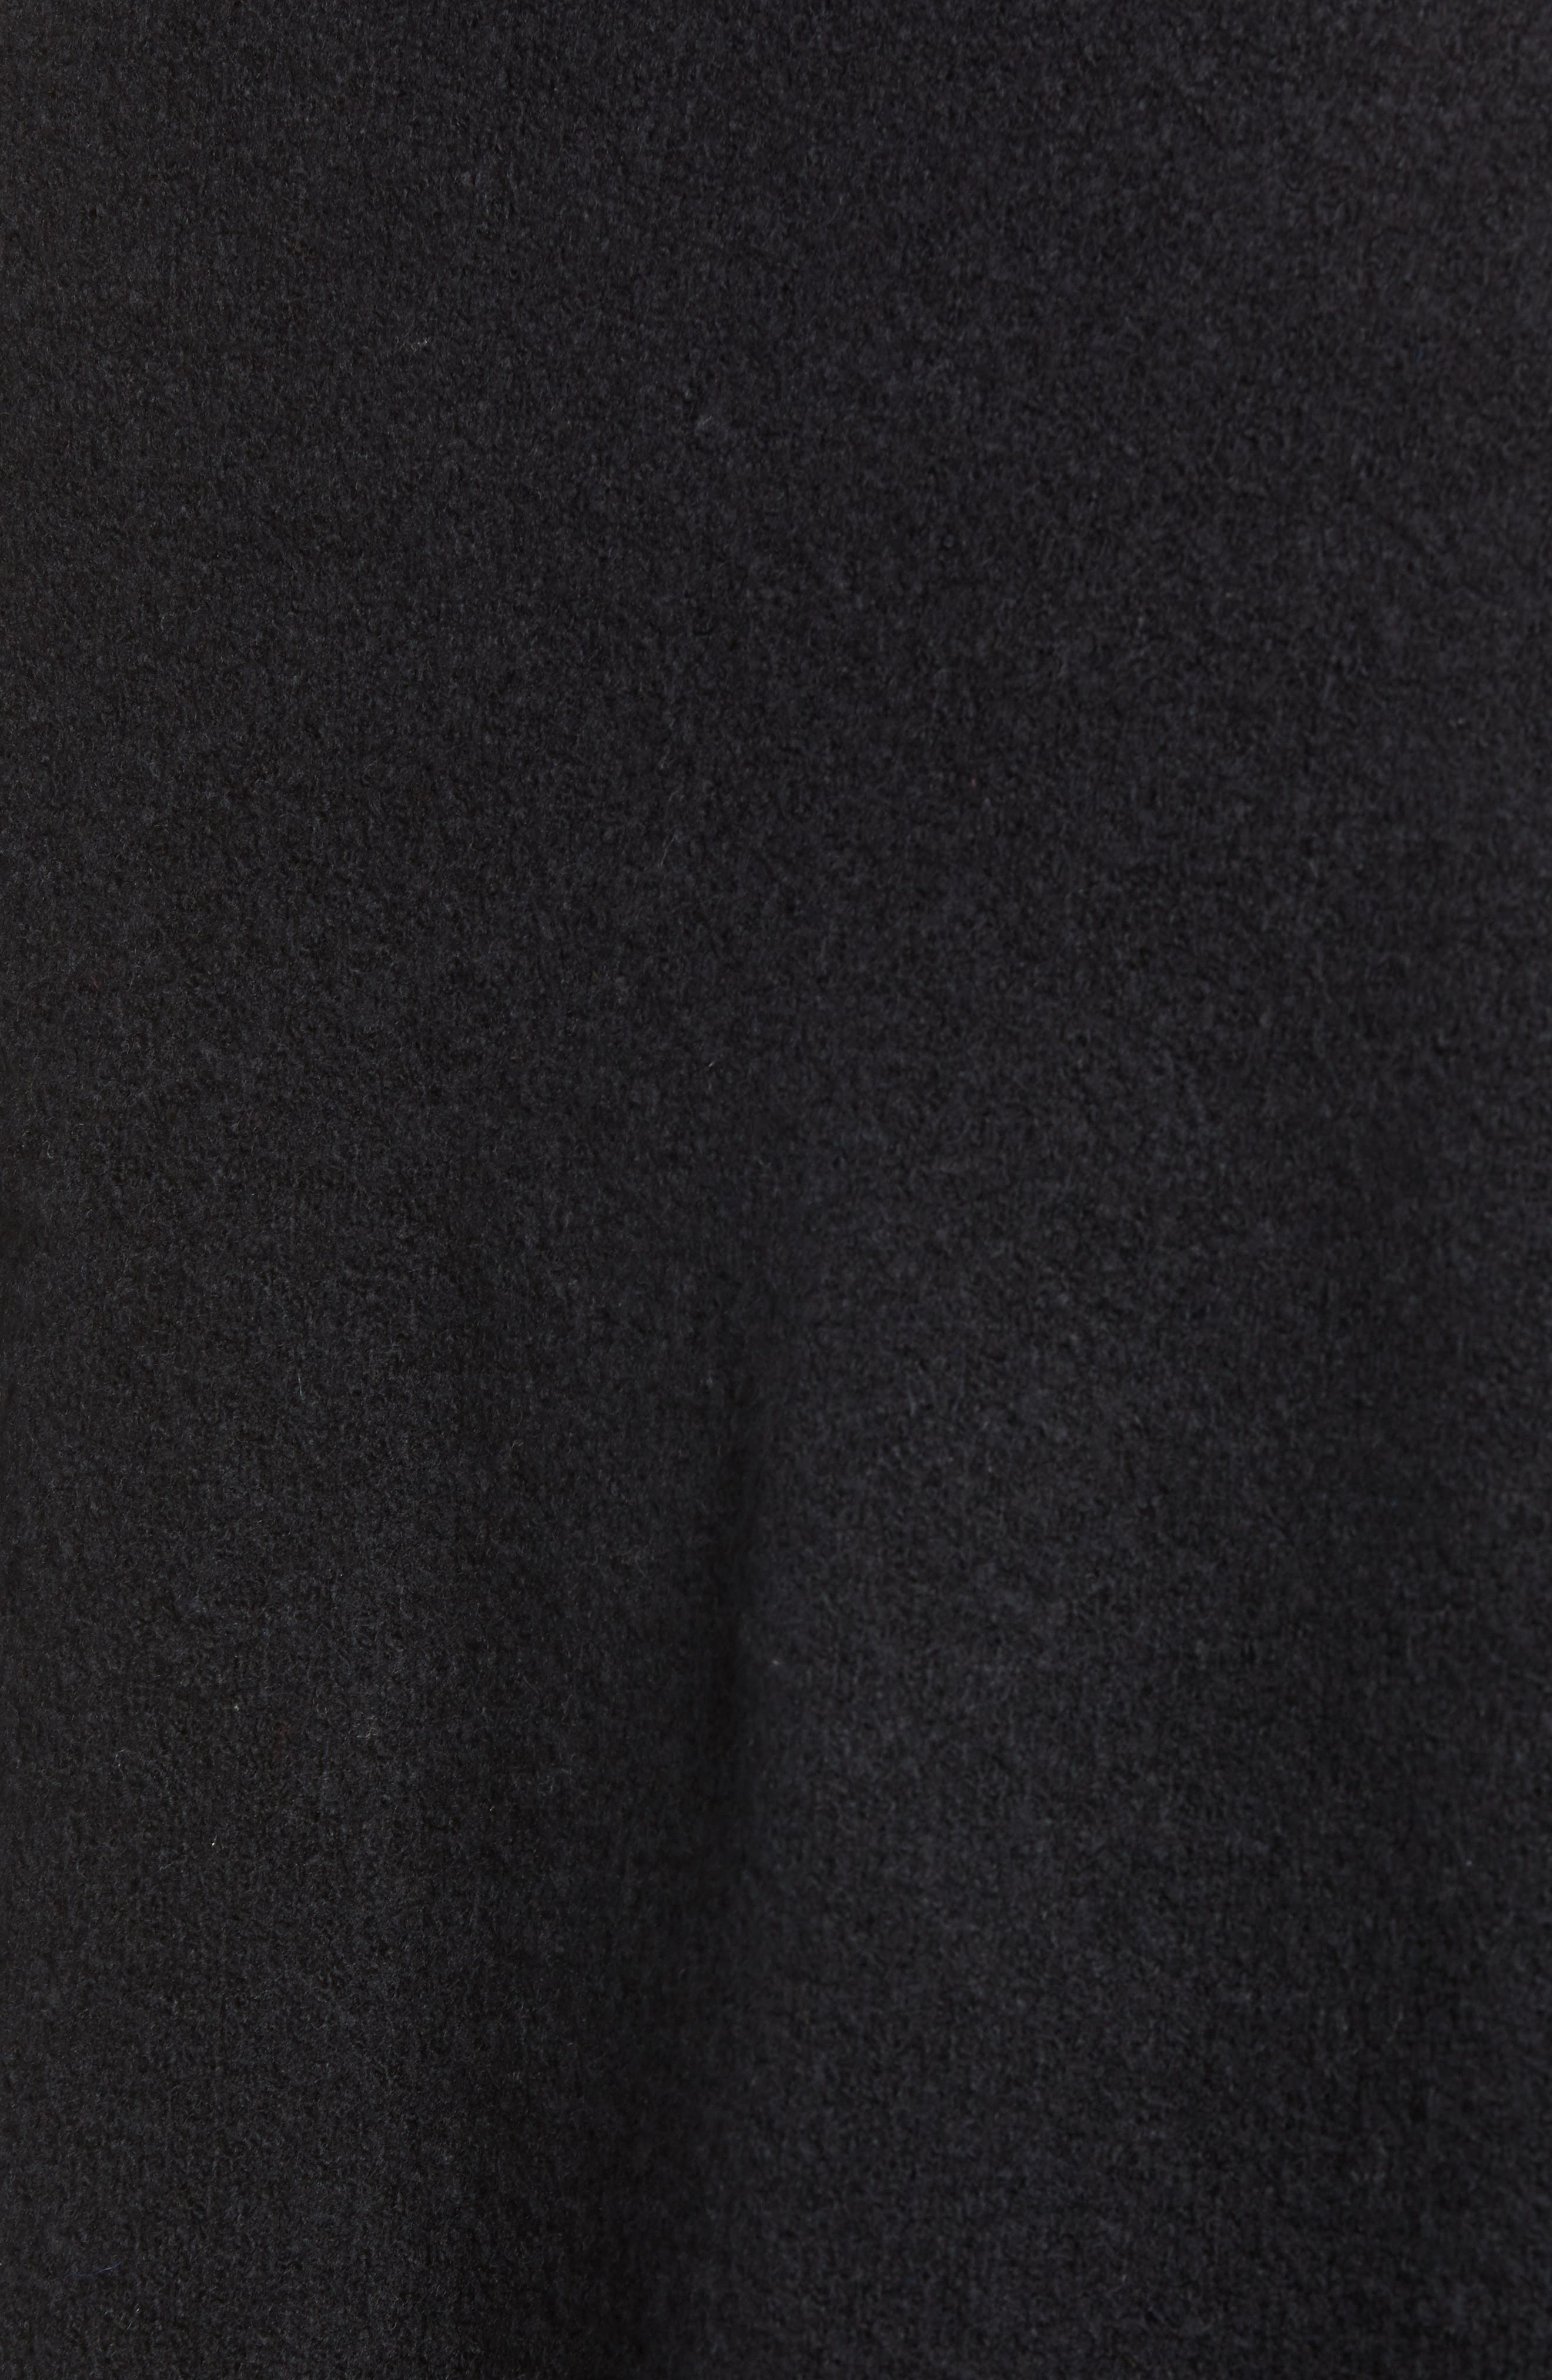 Plush Cardigan,                             Alternate thumbnail 5, color,                             001